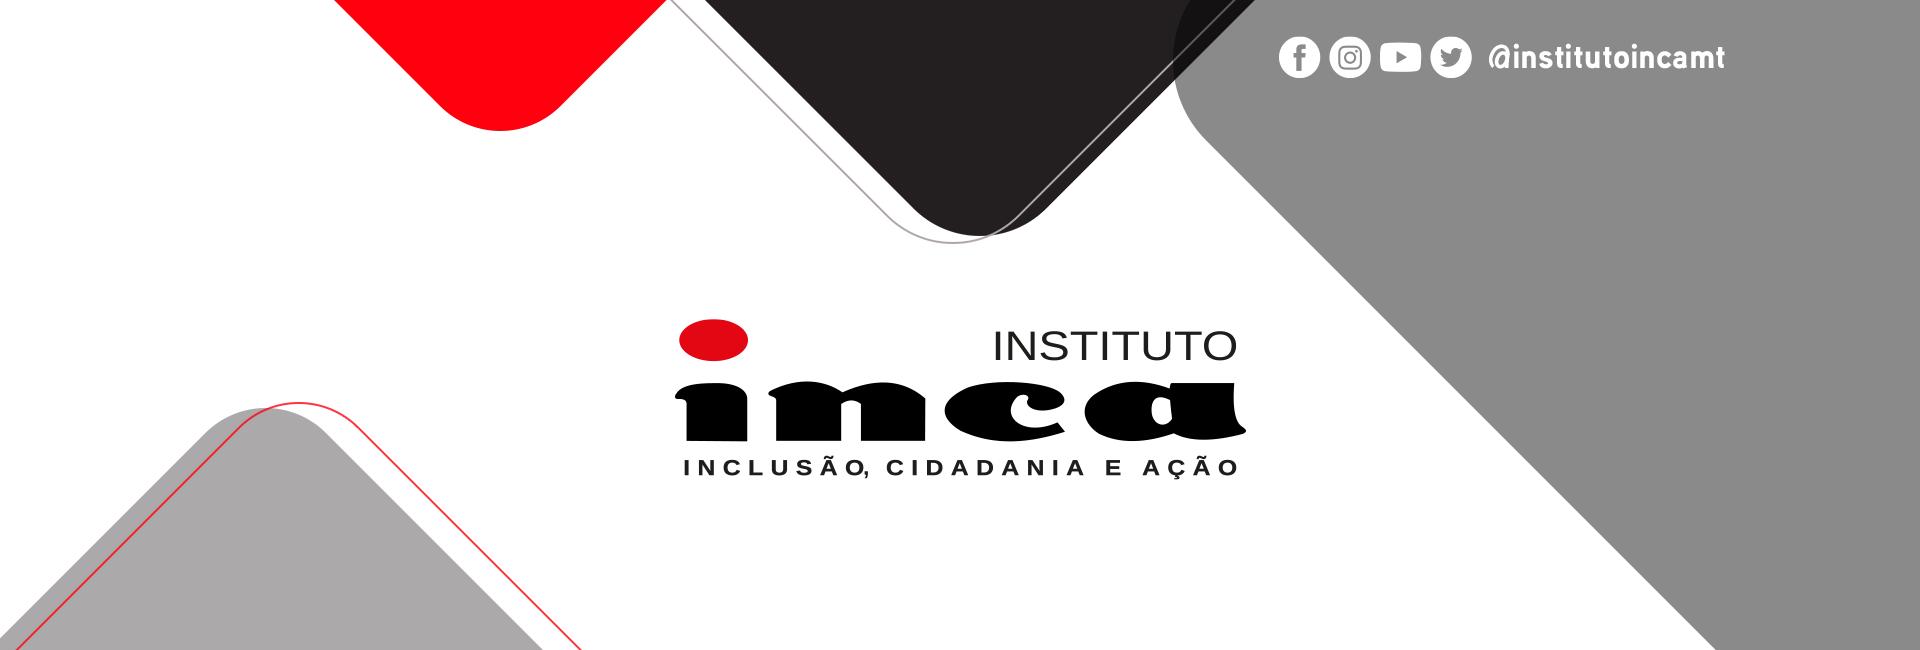 INCA TOPO SITE